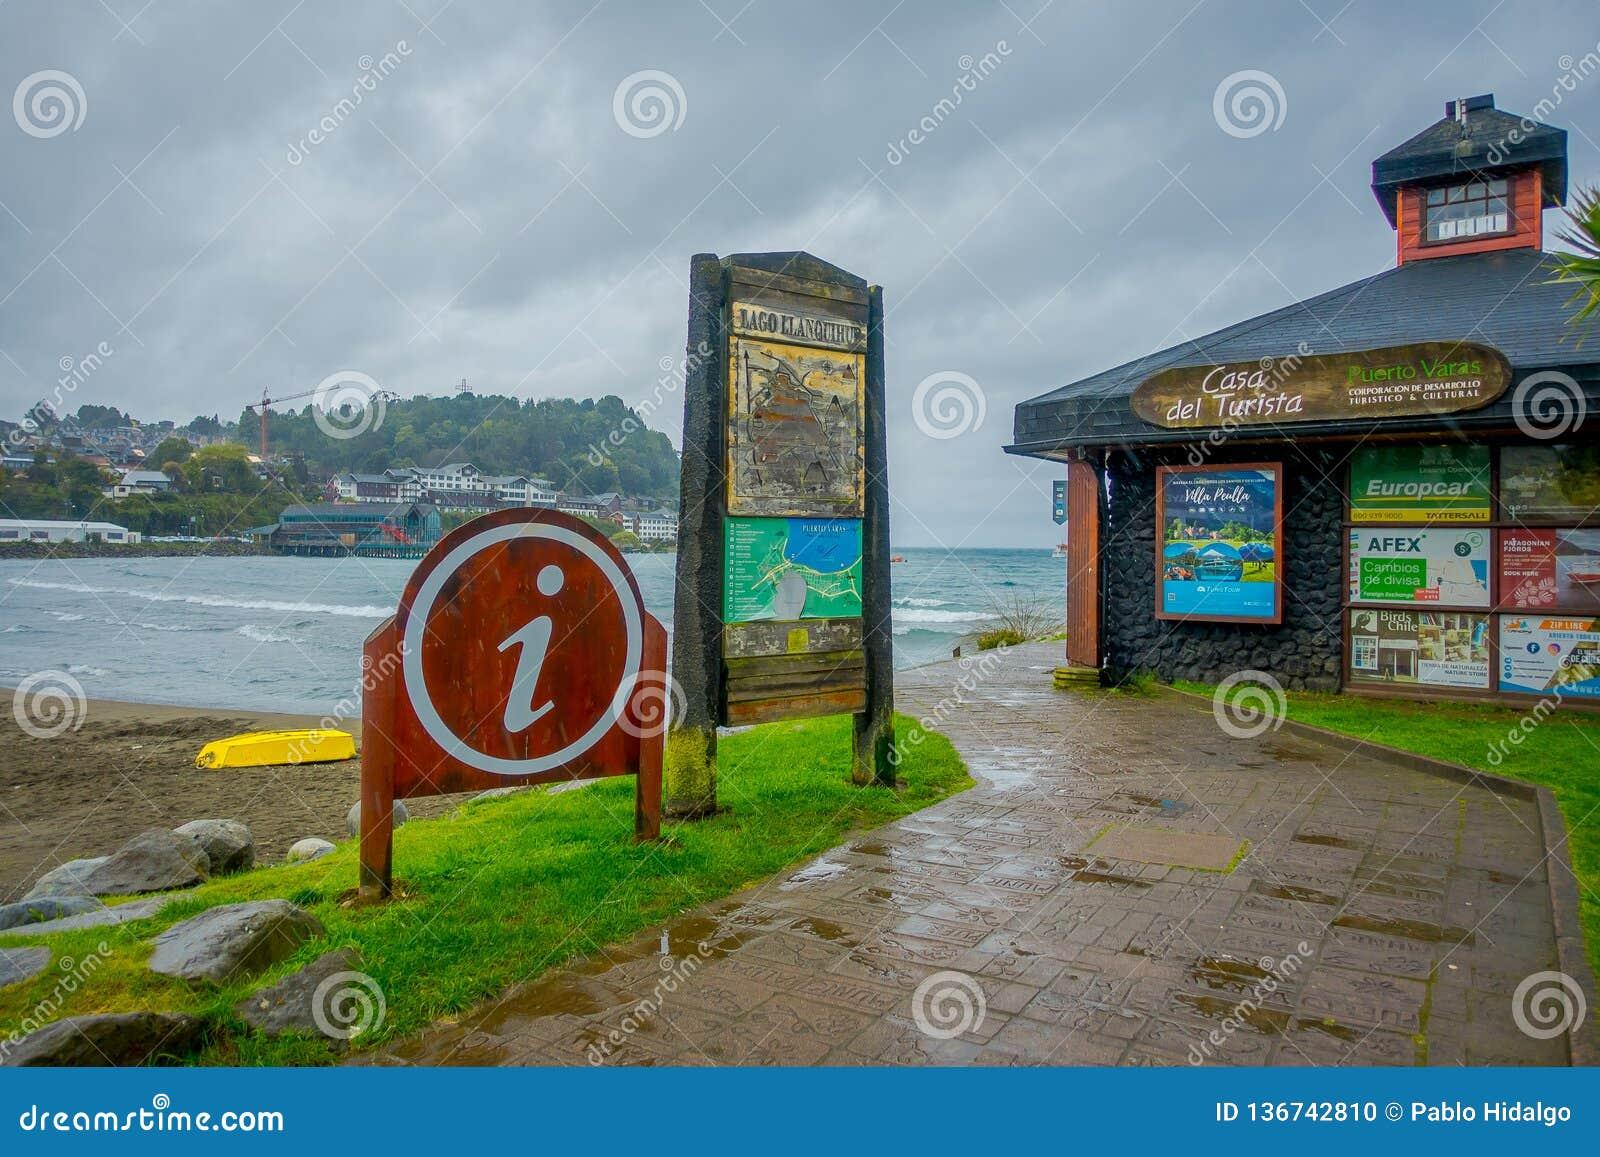 PUERTO VARAS, CHILE, SEPTEMBER, 23, 2018: Ansicht im Freien von Holzhausinformationen gelegen im Strand mit einem kleinen